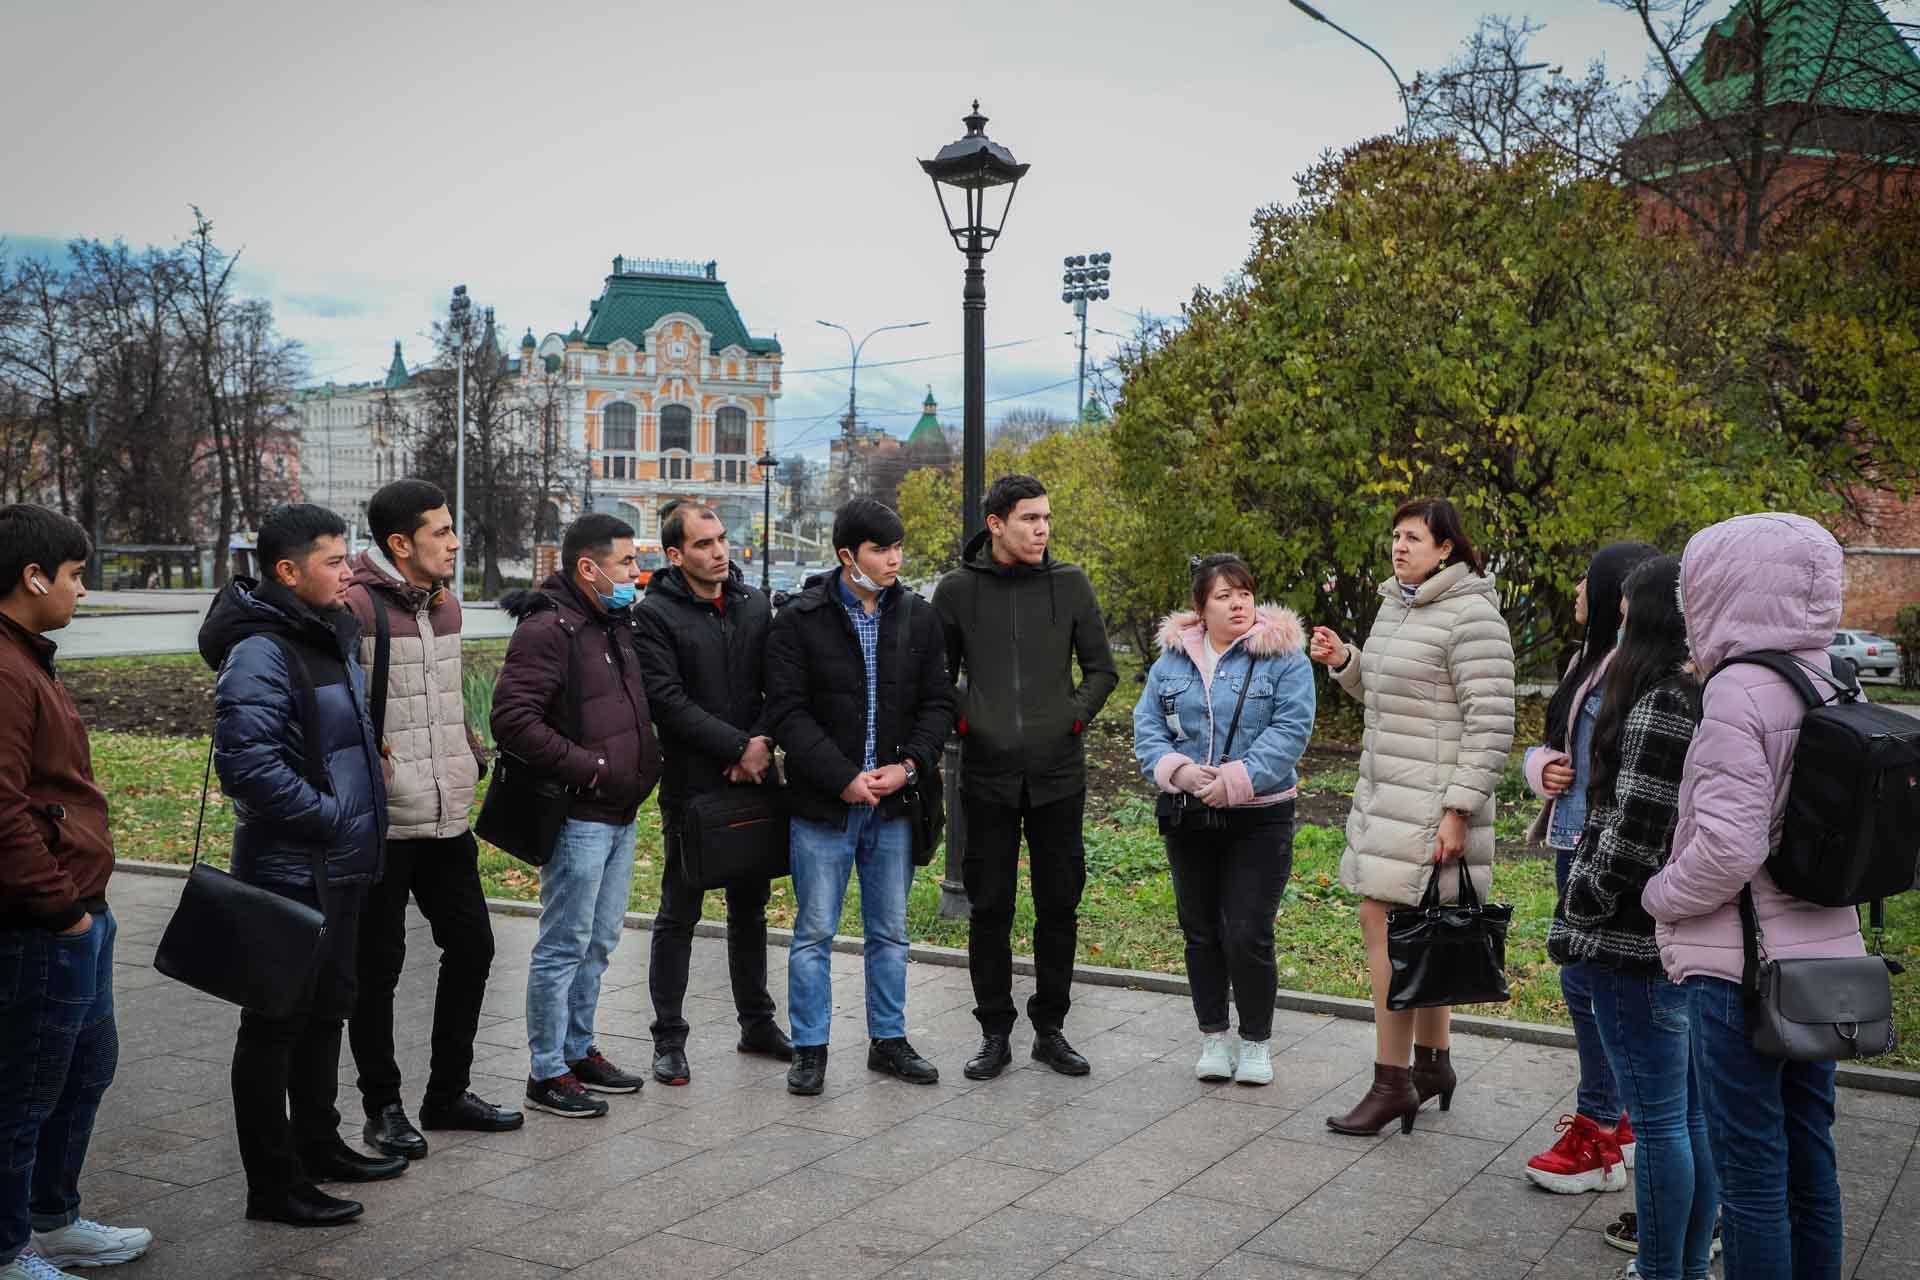 Иностранные студенты Мининского университета узнали историю Нижнего Новгорода